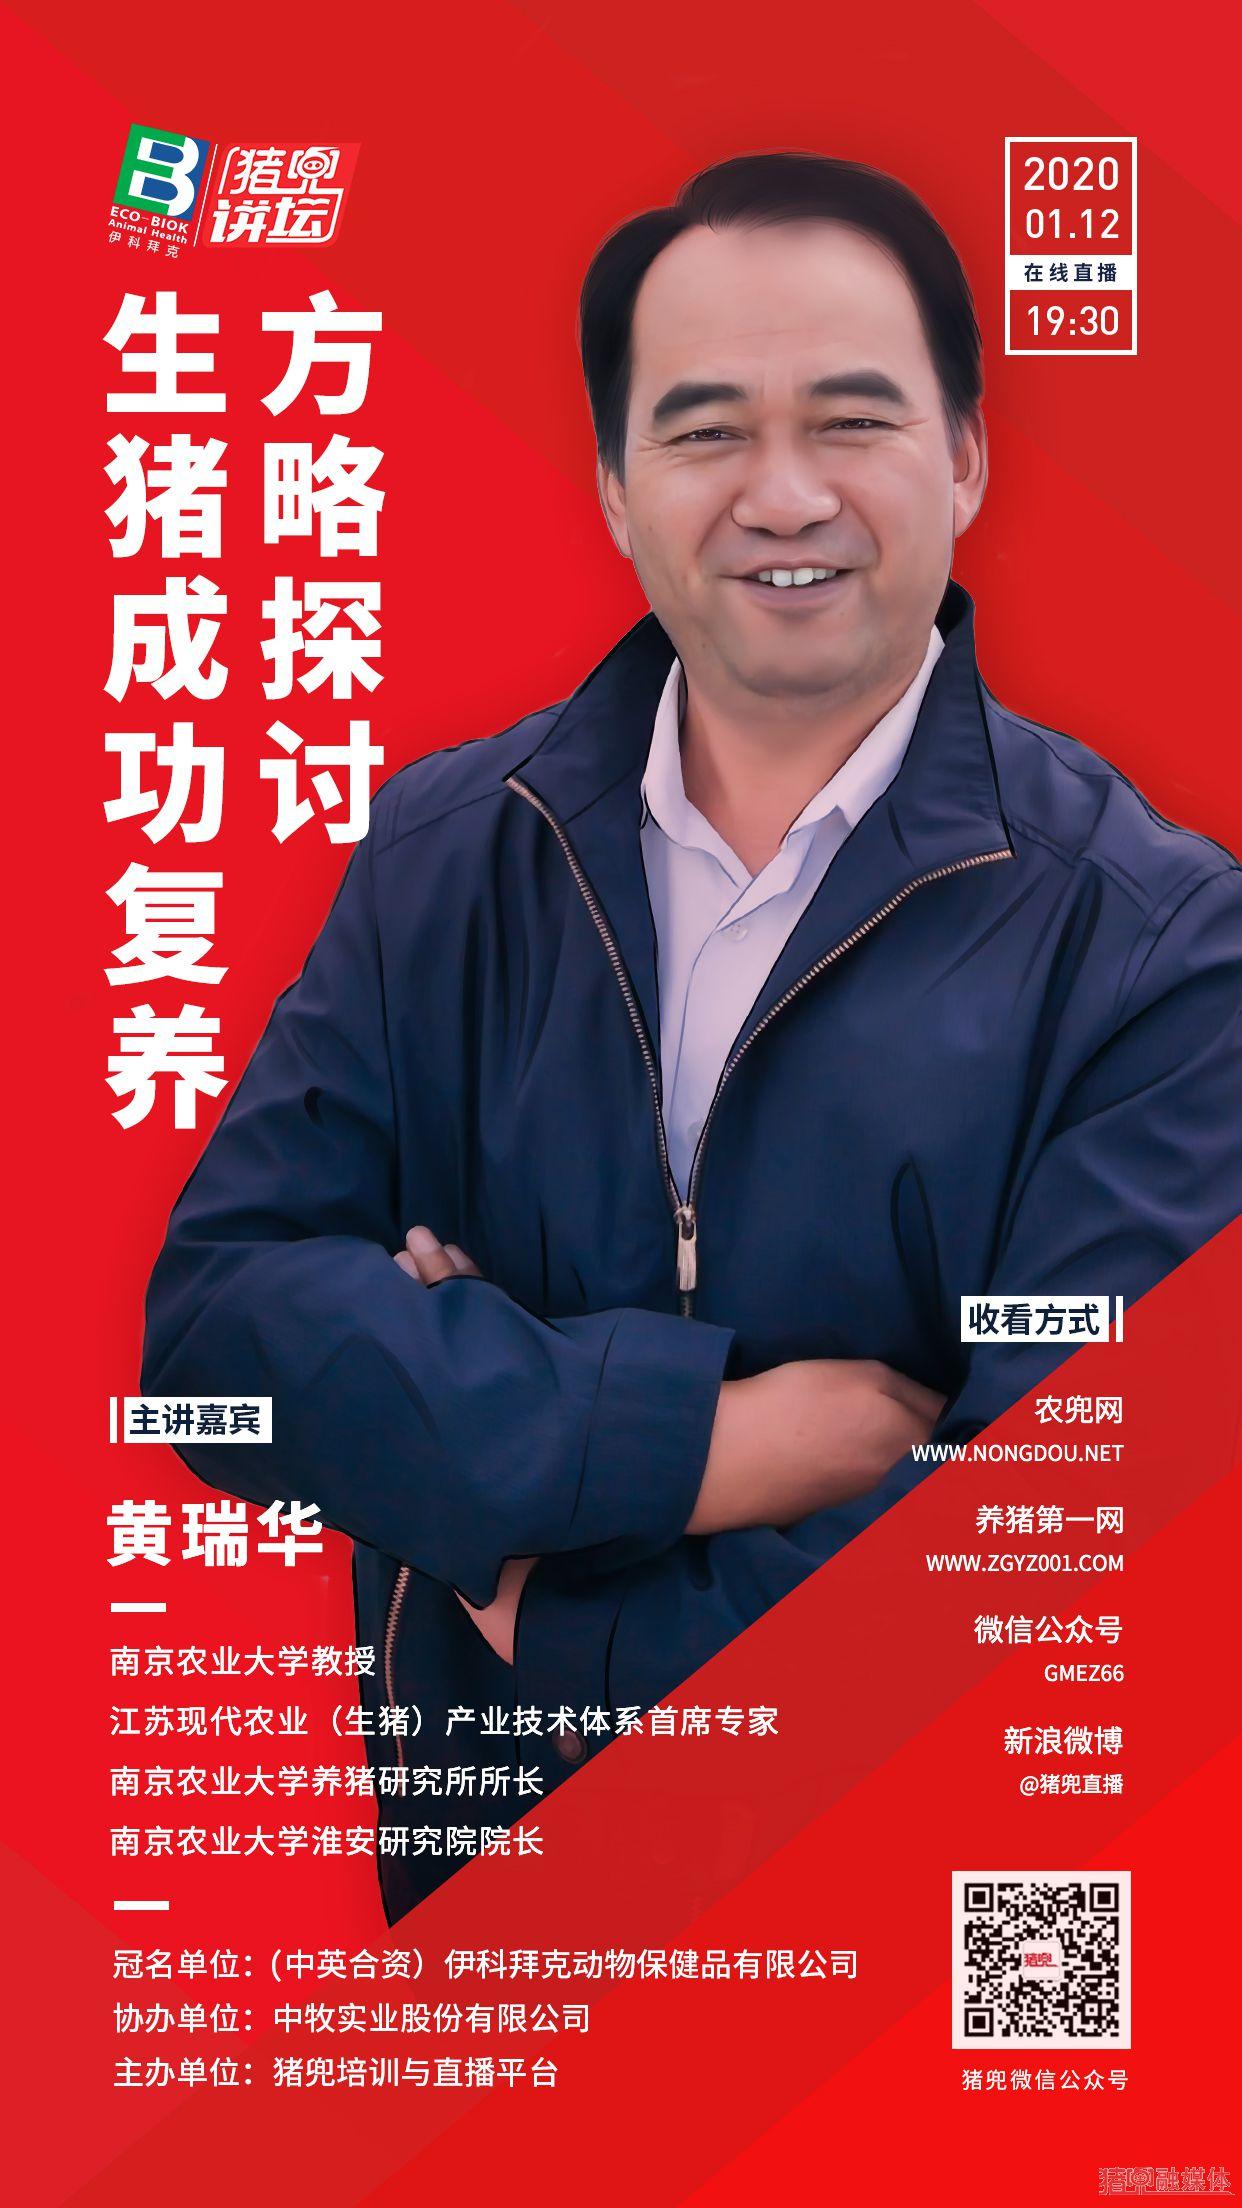 """生猪成功复养方略探讨——2020年 """"伊科拜克·猪兜讲坛""""第1期(总第40期) 1.12"""